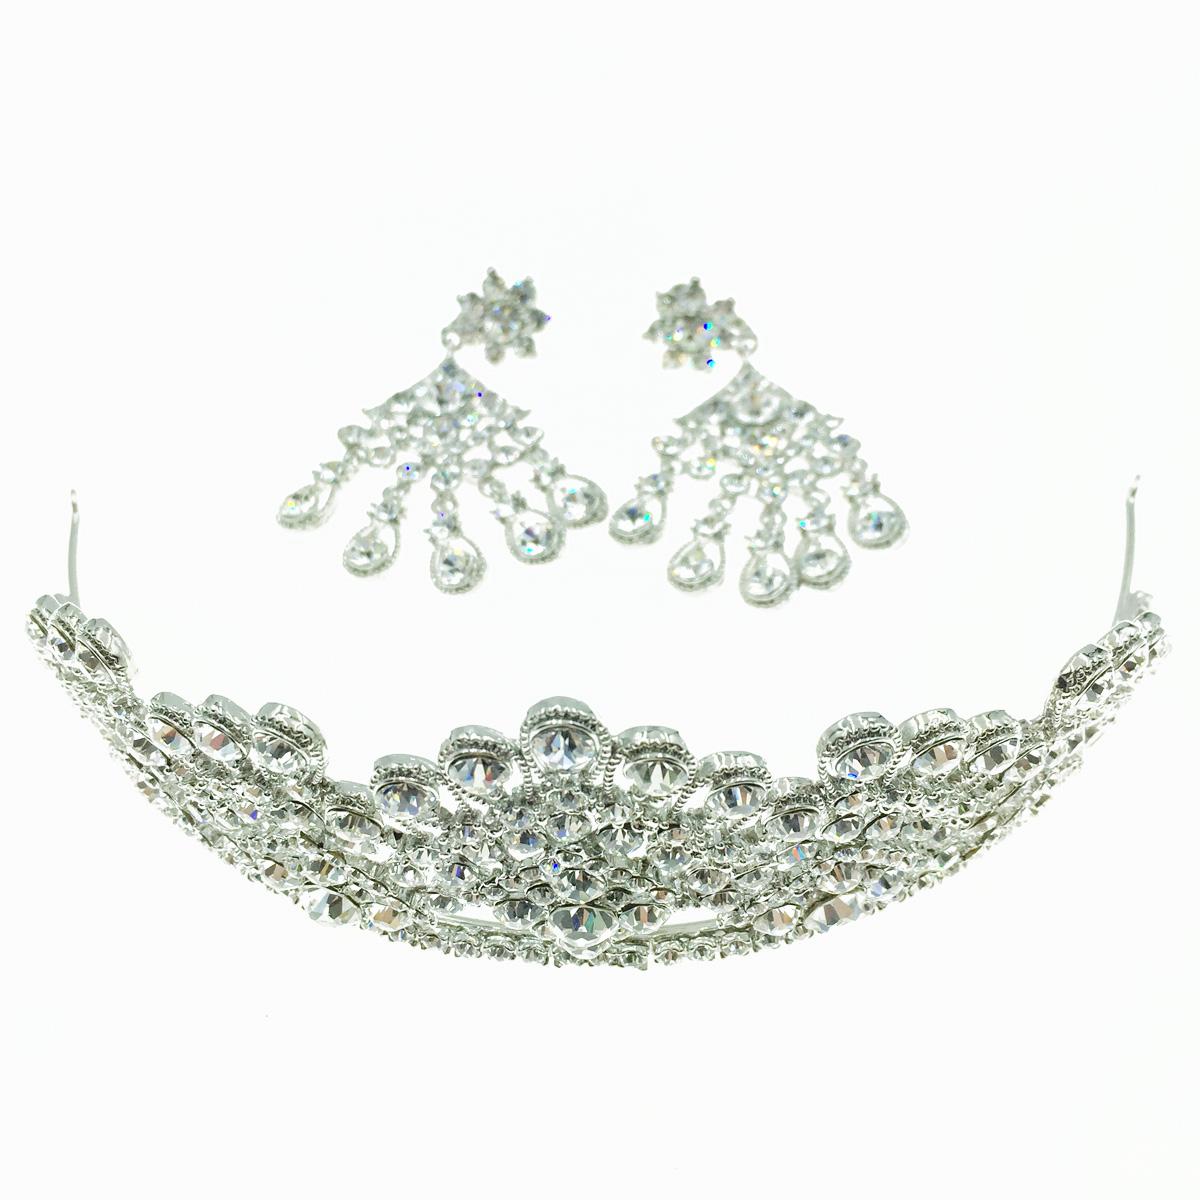 韓國 水鑽造型 皇冠 新娘飾品 夾式耳環頭飾套組 採用施華洛世奇水晶元素 Crystals from Swarovski